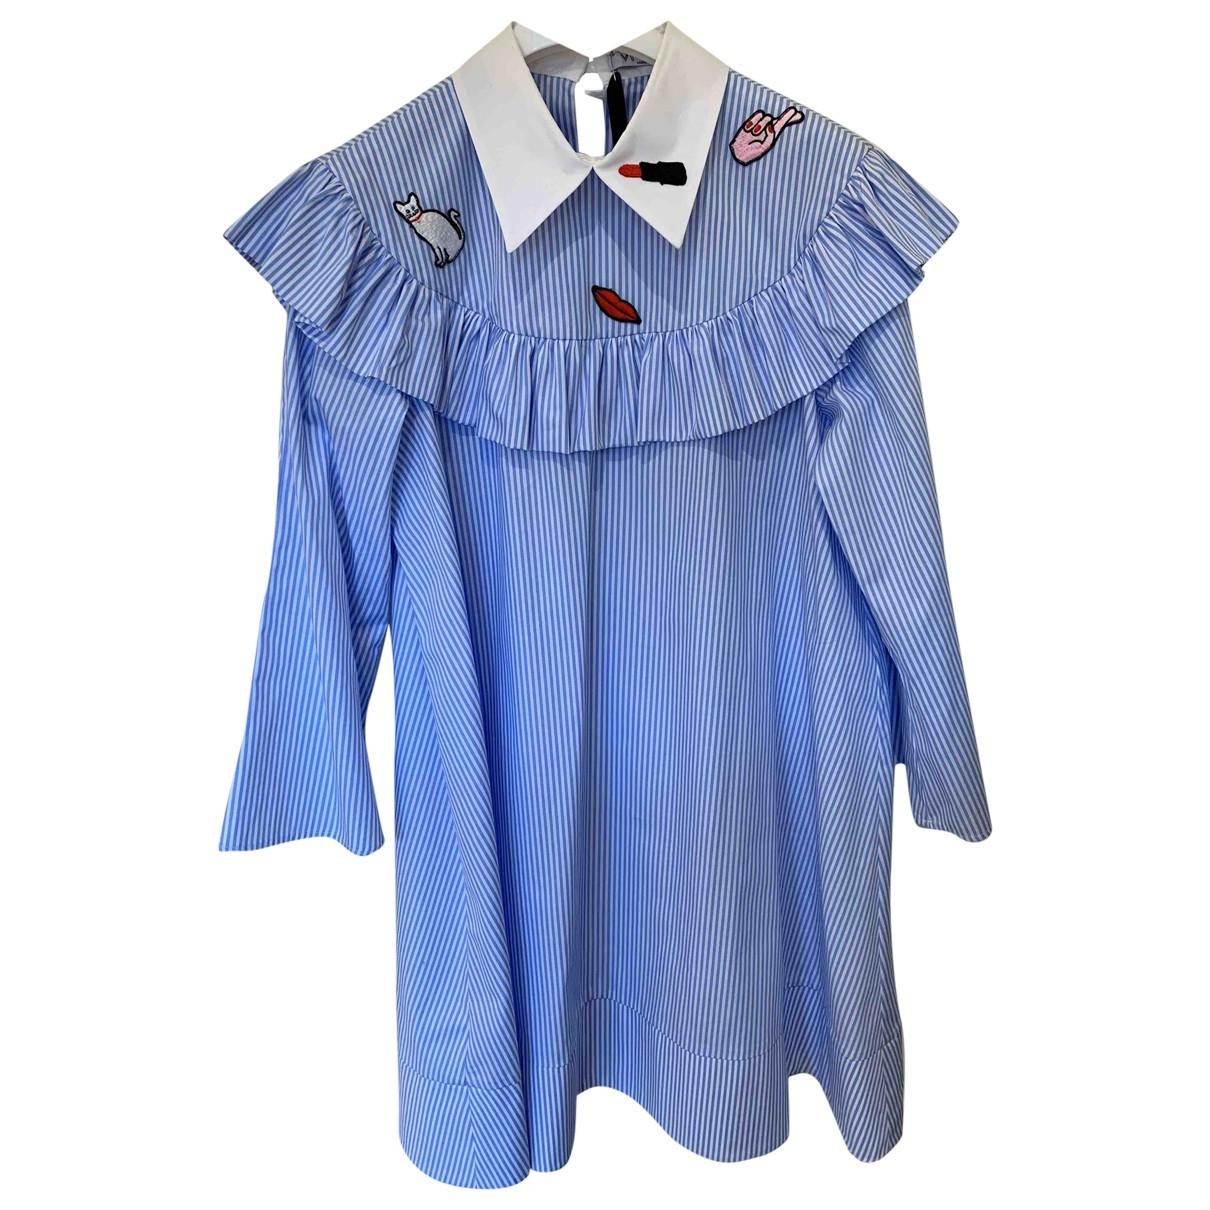 Vivetta \N Kleid in  Blau Baumwolle